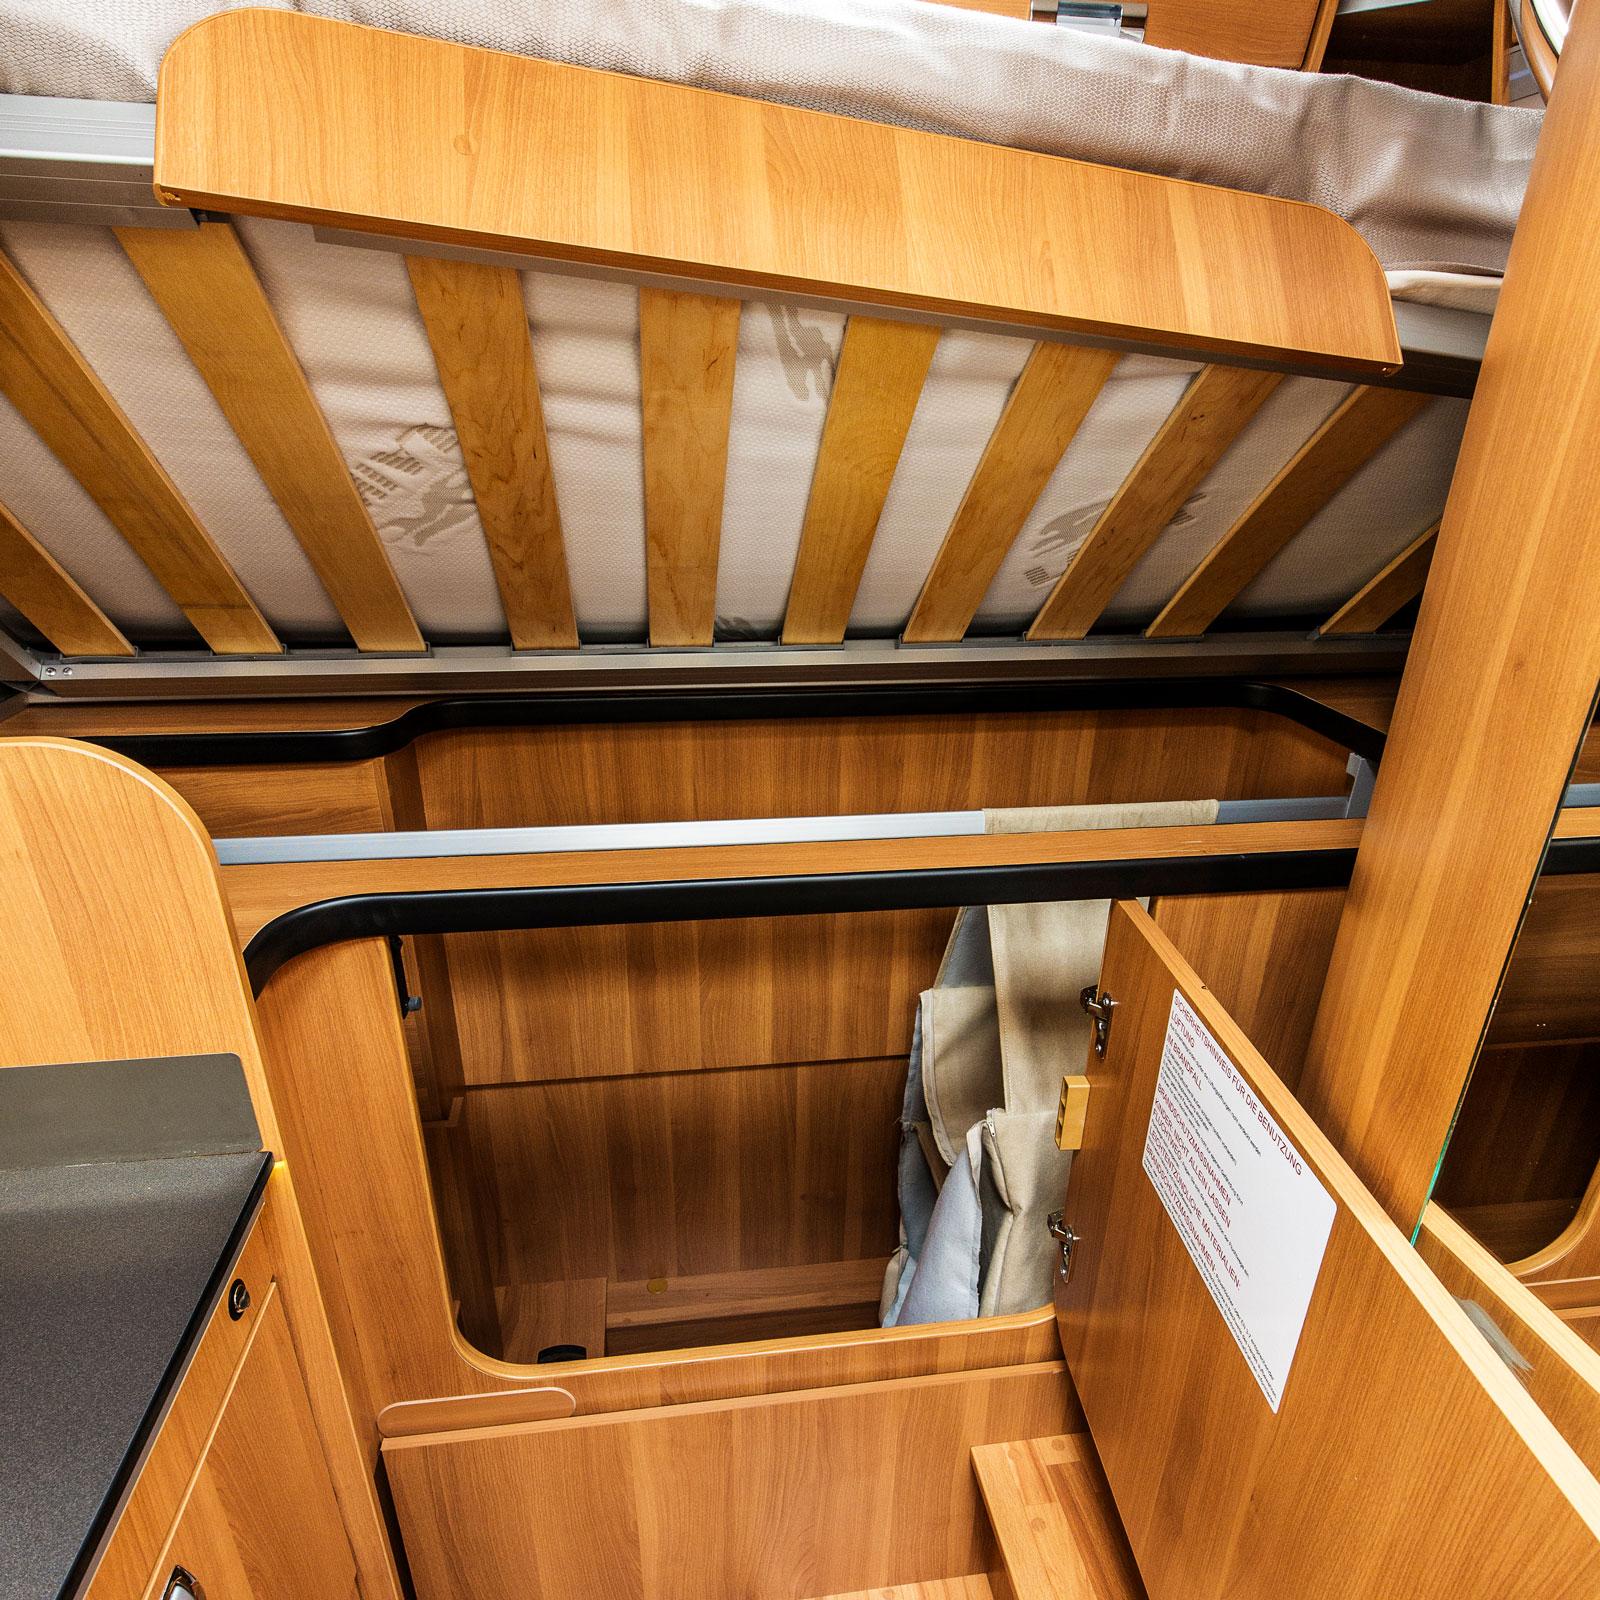 Under. Sängen har en garderob med klädstång under sig.